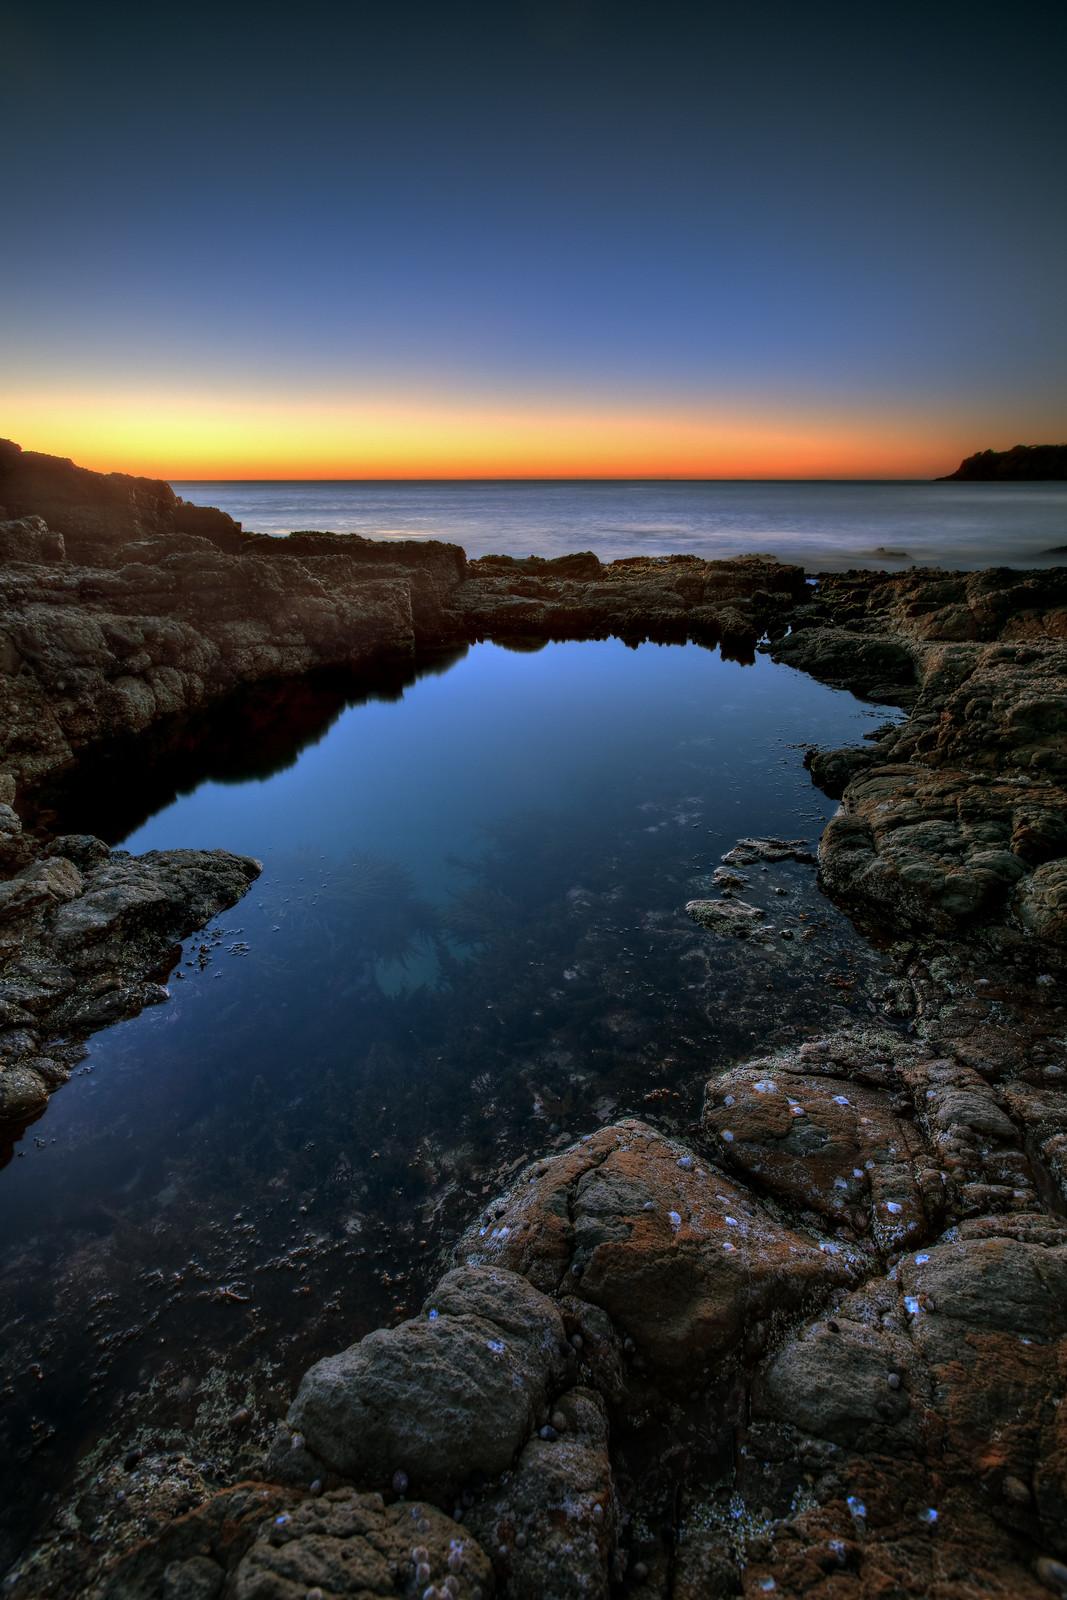 Illawarra Reflection